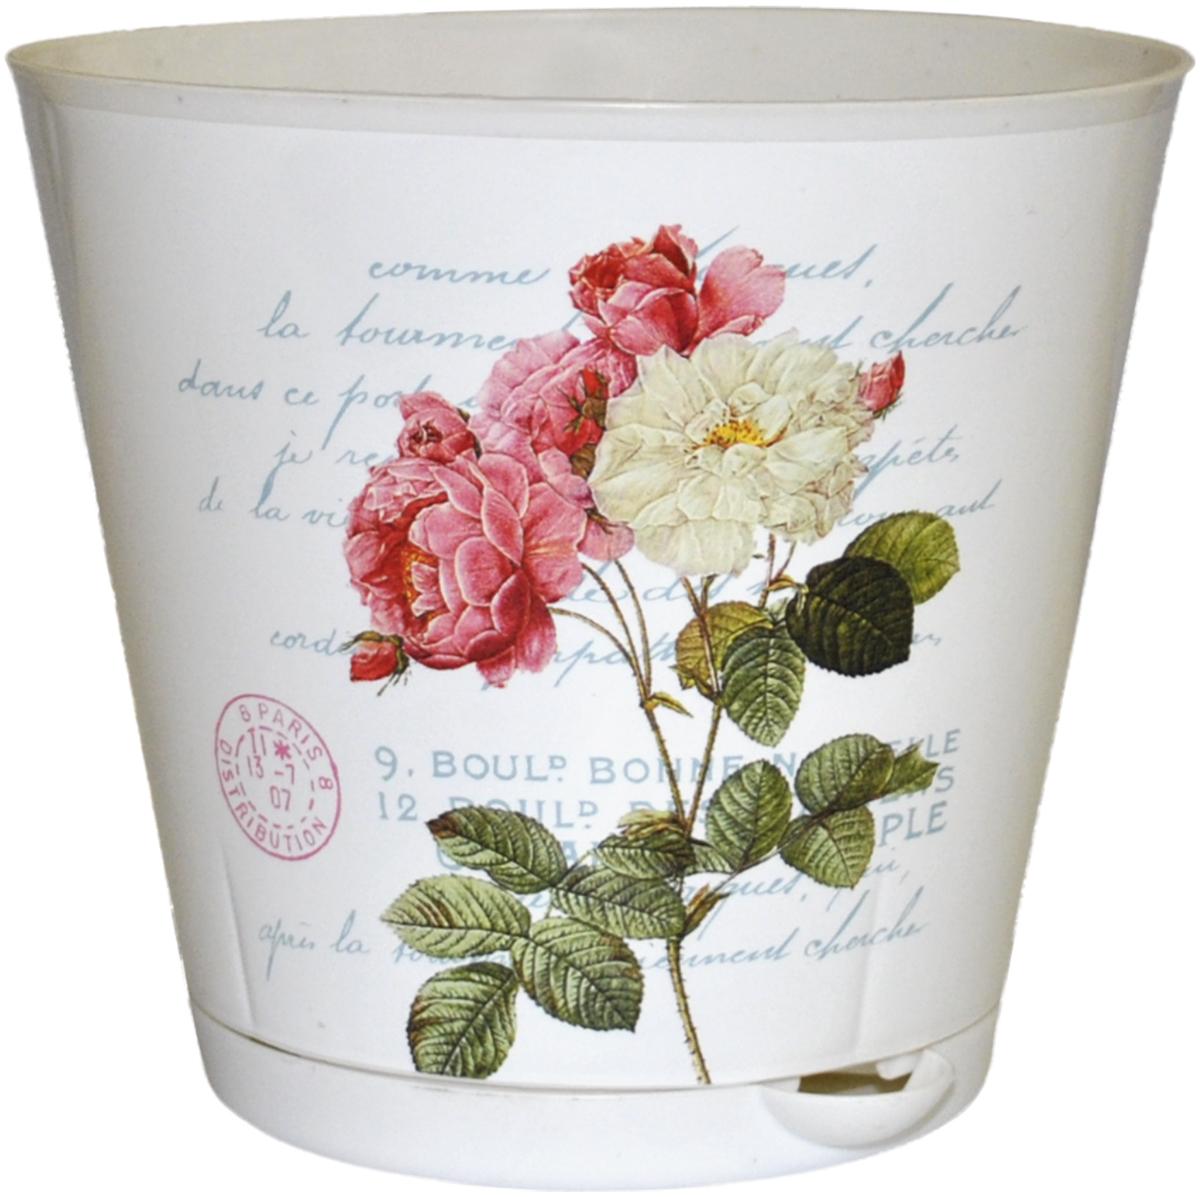 """Горшок для цветов InGreen """"Крит. Прованс"""", с системой прикорневого полива, диаметр 12 см ING46012ПР"""